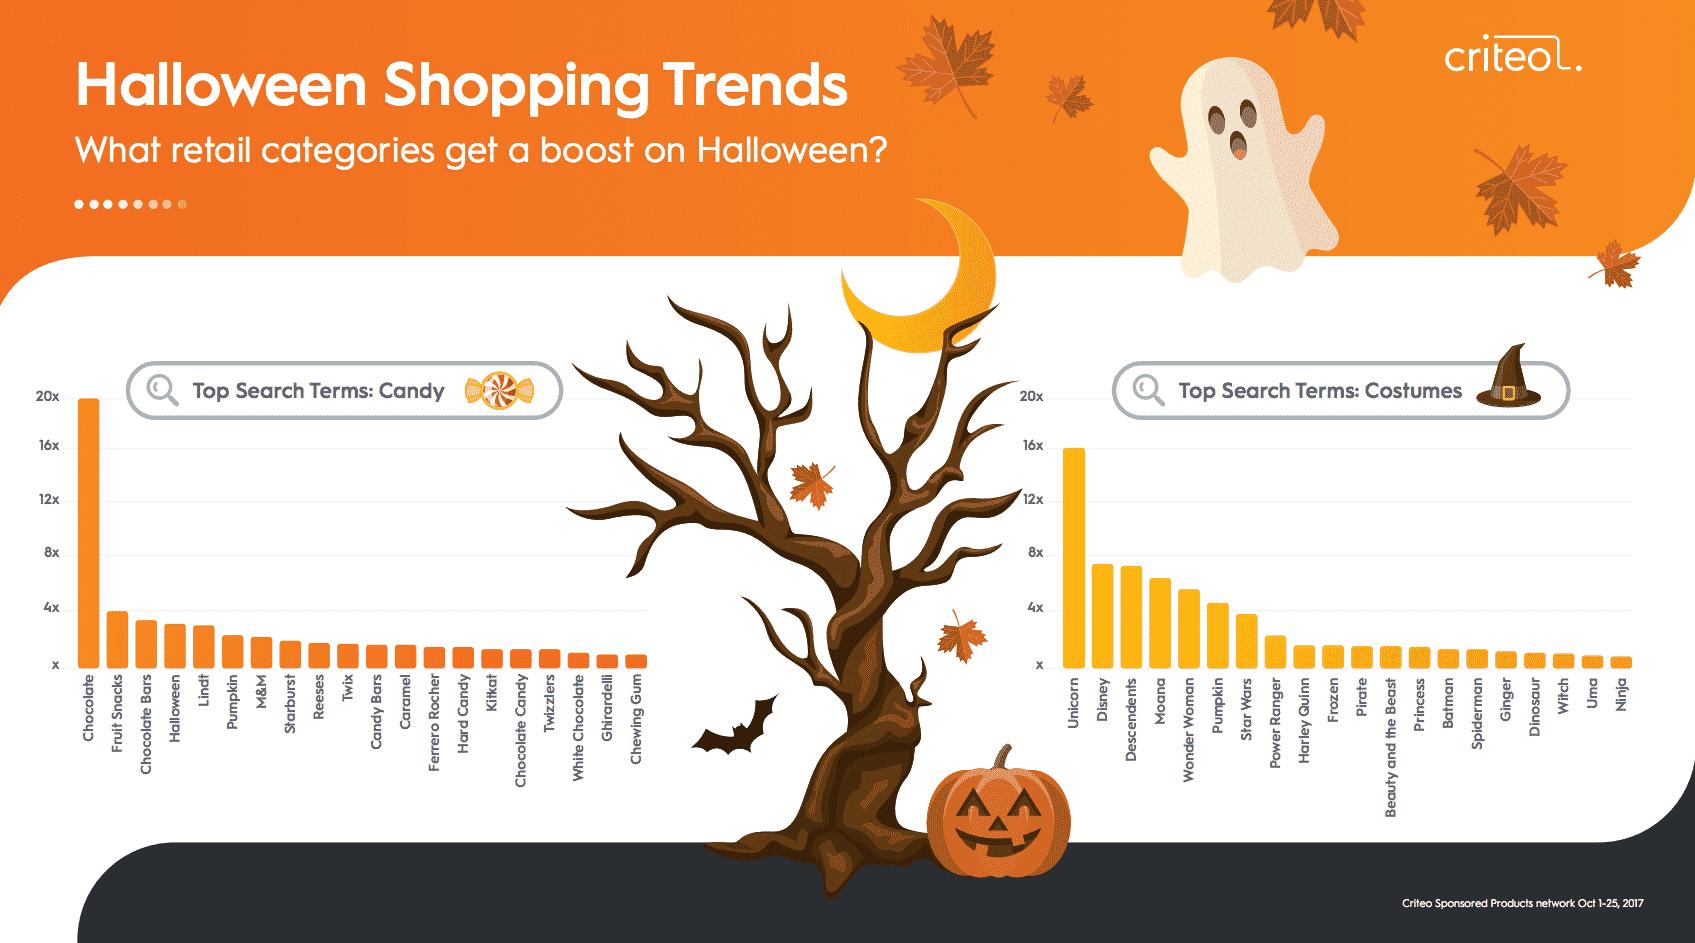 Halloween marketing trends 2018